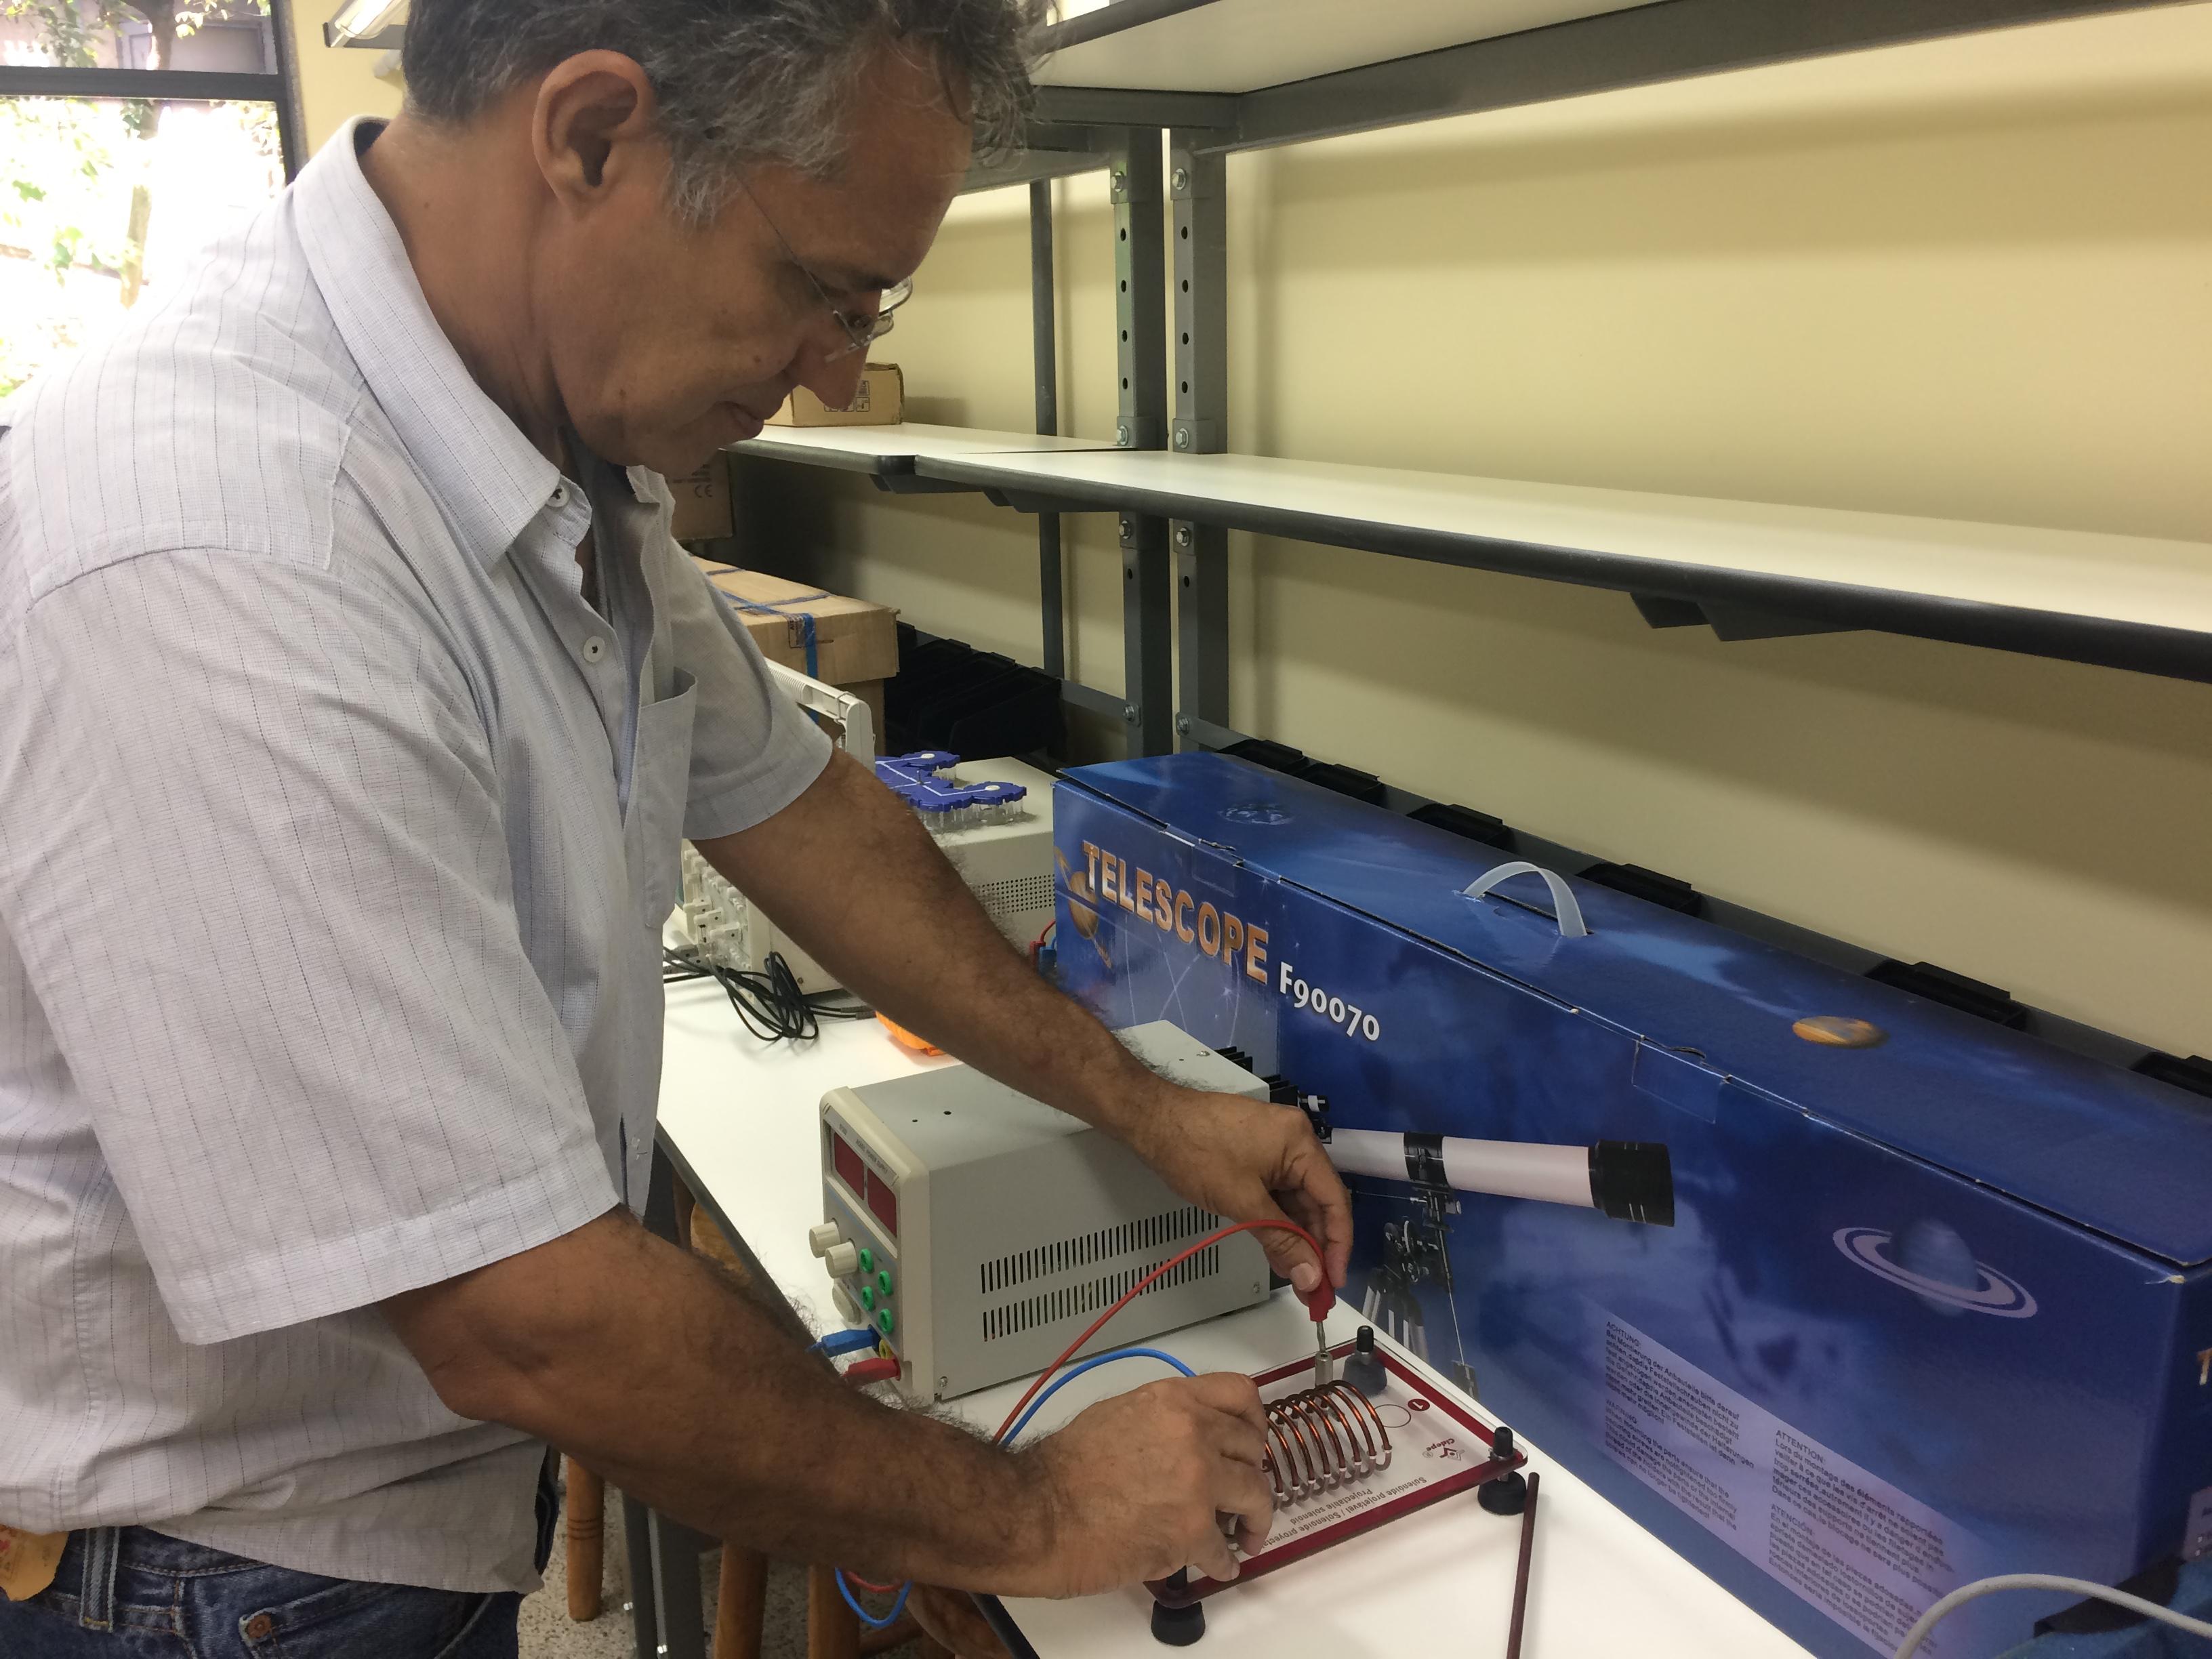 Professor Demison Motta mostra equipamento elétrico que será utilizado nos experimentos (Foto: Comso)